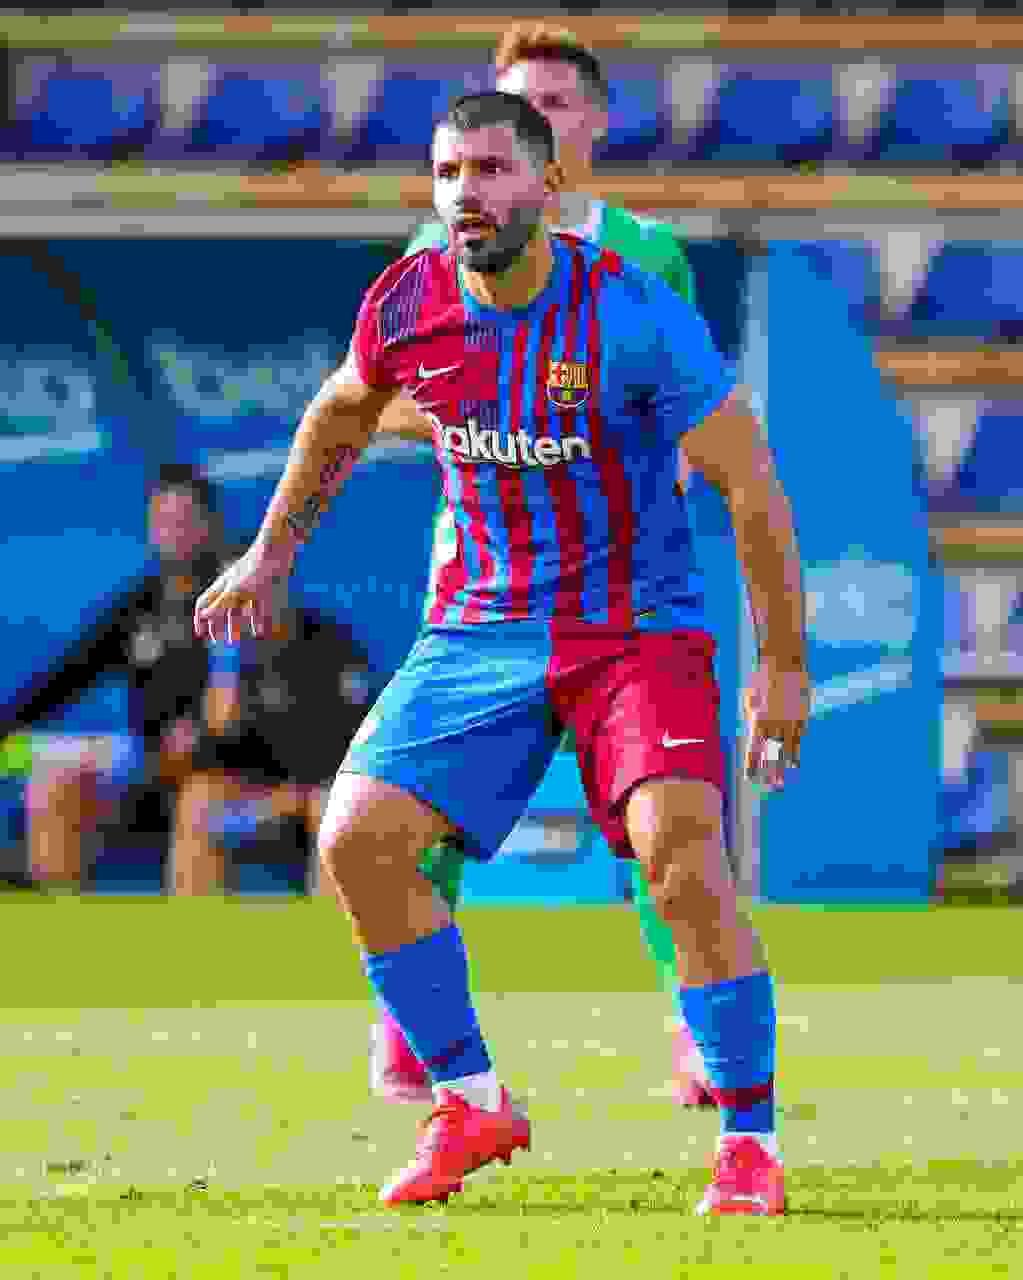 El Kun Agüero tuvo su estreno con su nueva camiseta y logró anotar un tanto en la media hora que estuvo en la cancha.